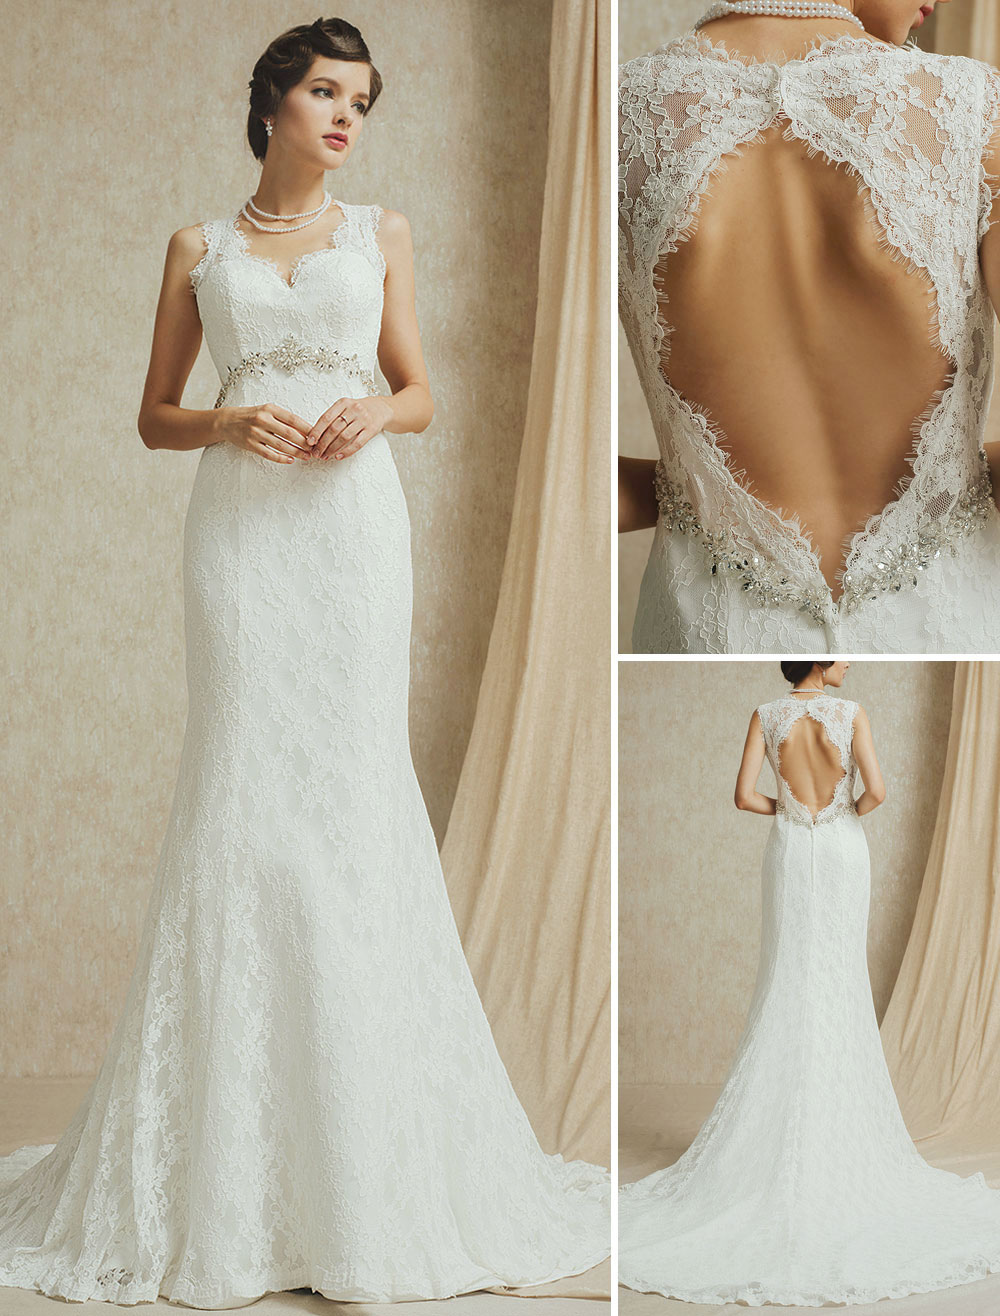 Vestido de novia de encaje con pedrería de cola larga,No.1